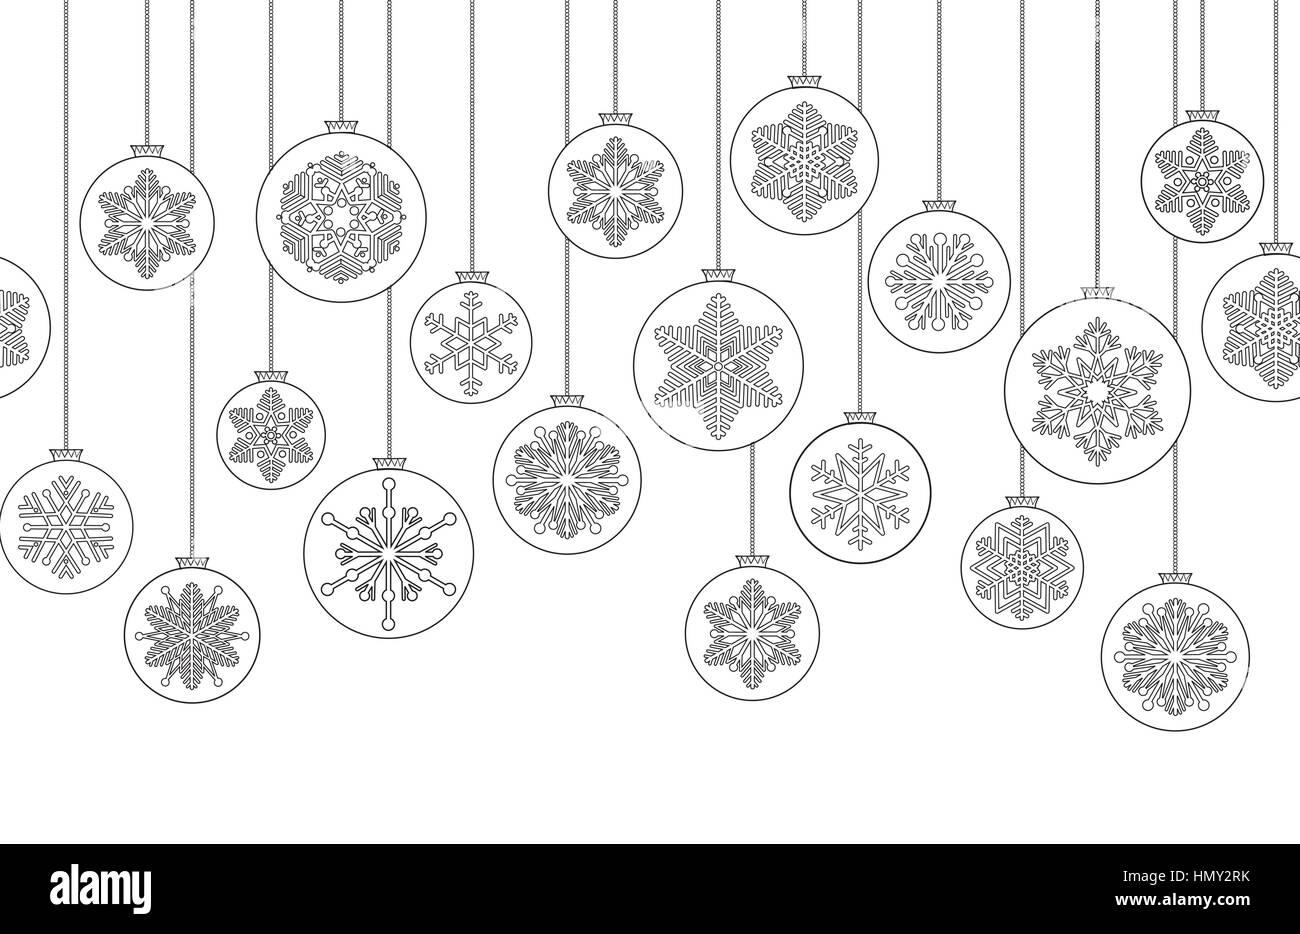 Weihnachten Hintergrund mit Kugel doodle Dekor Elemente. happy ...